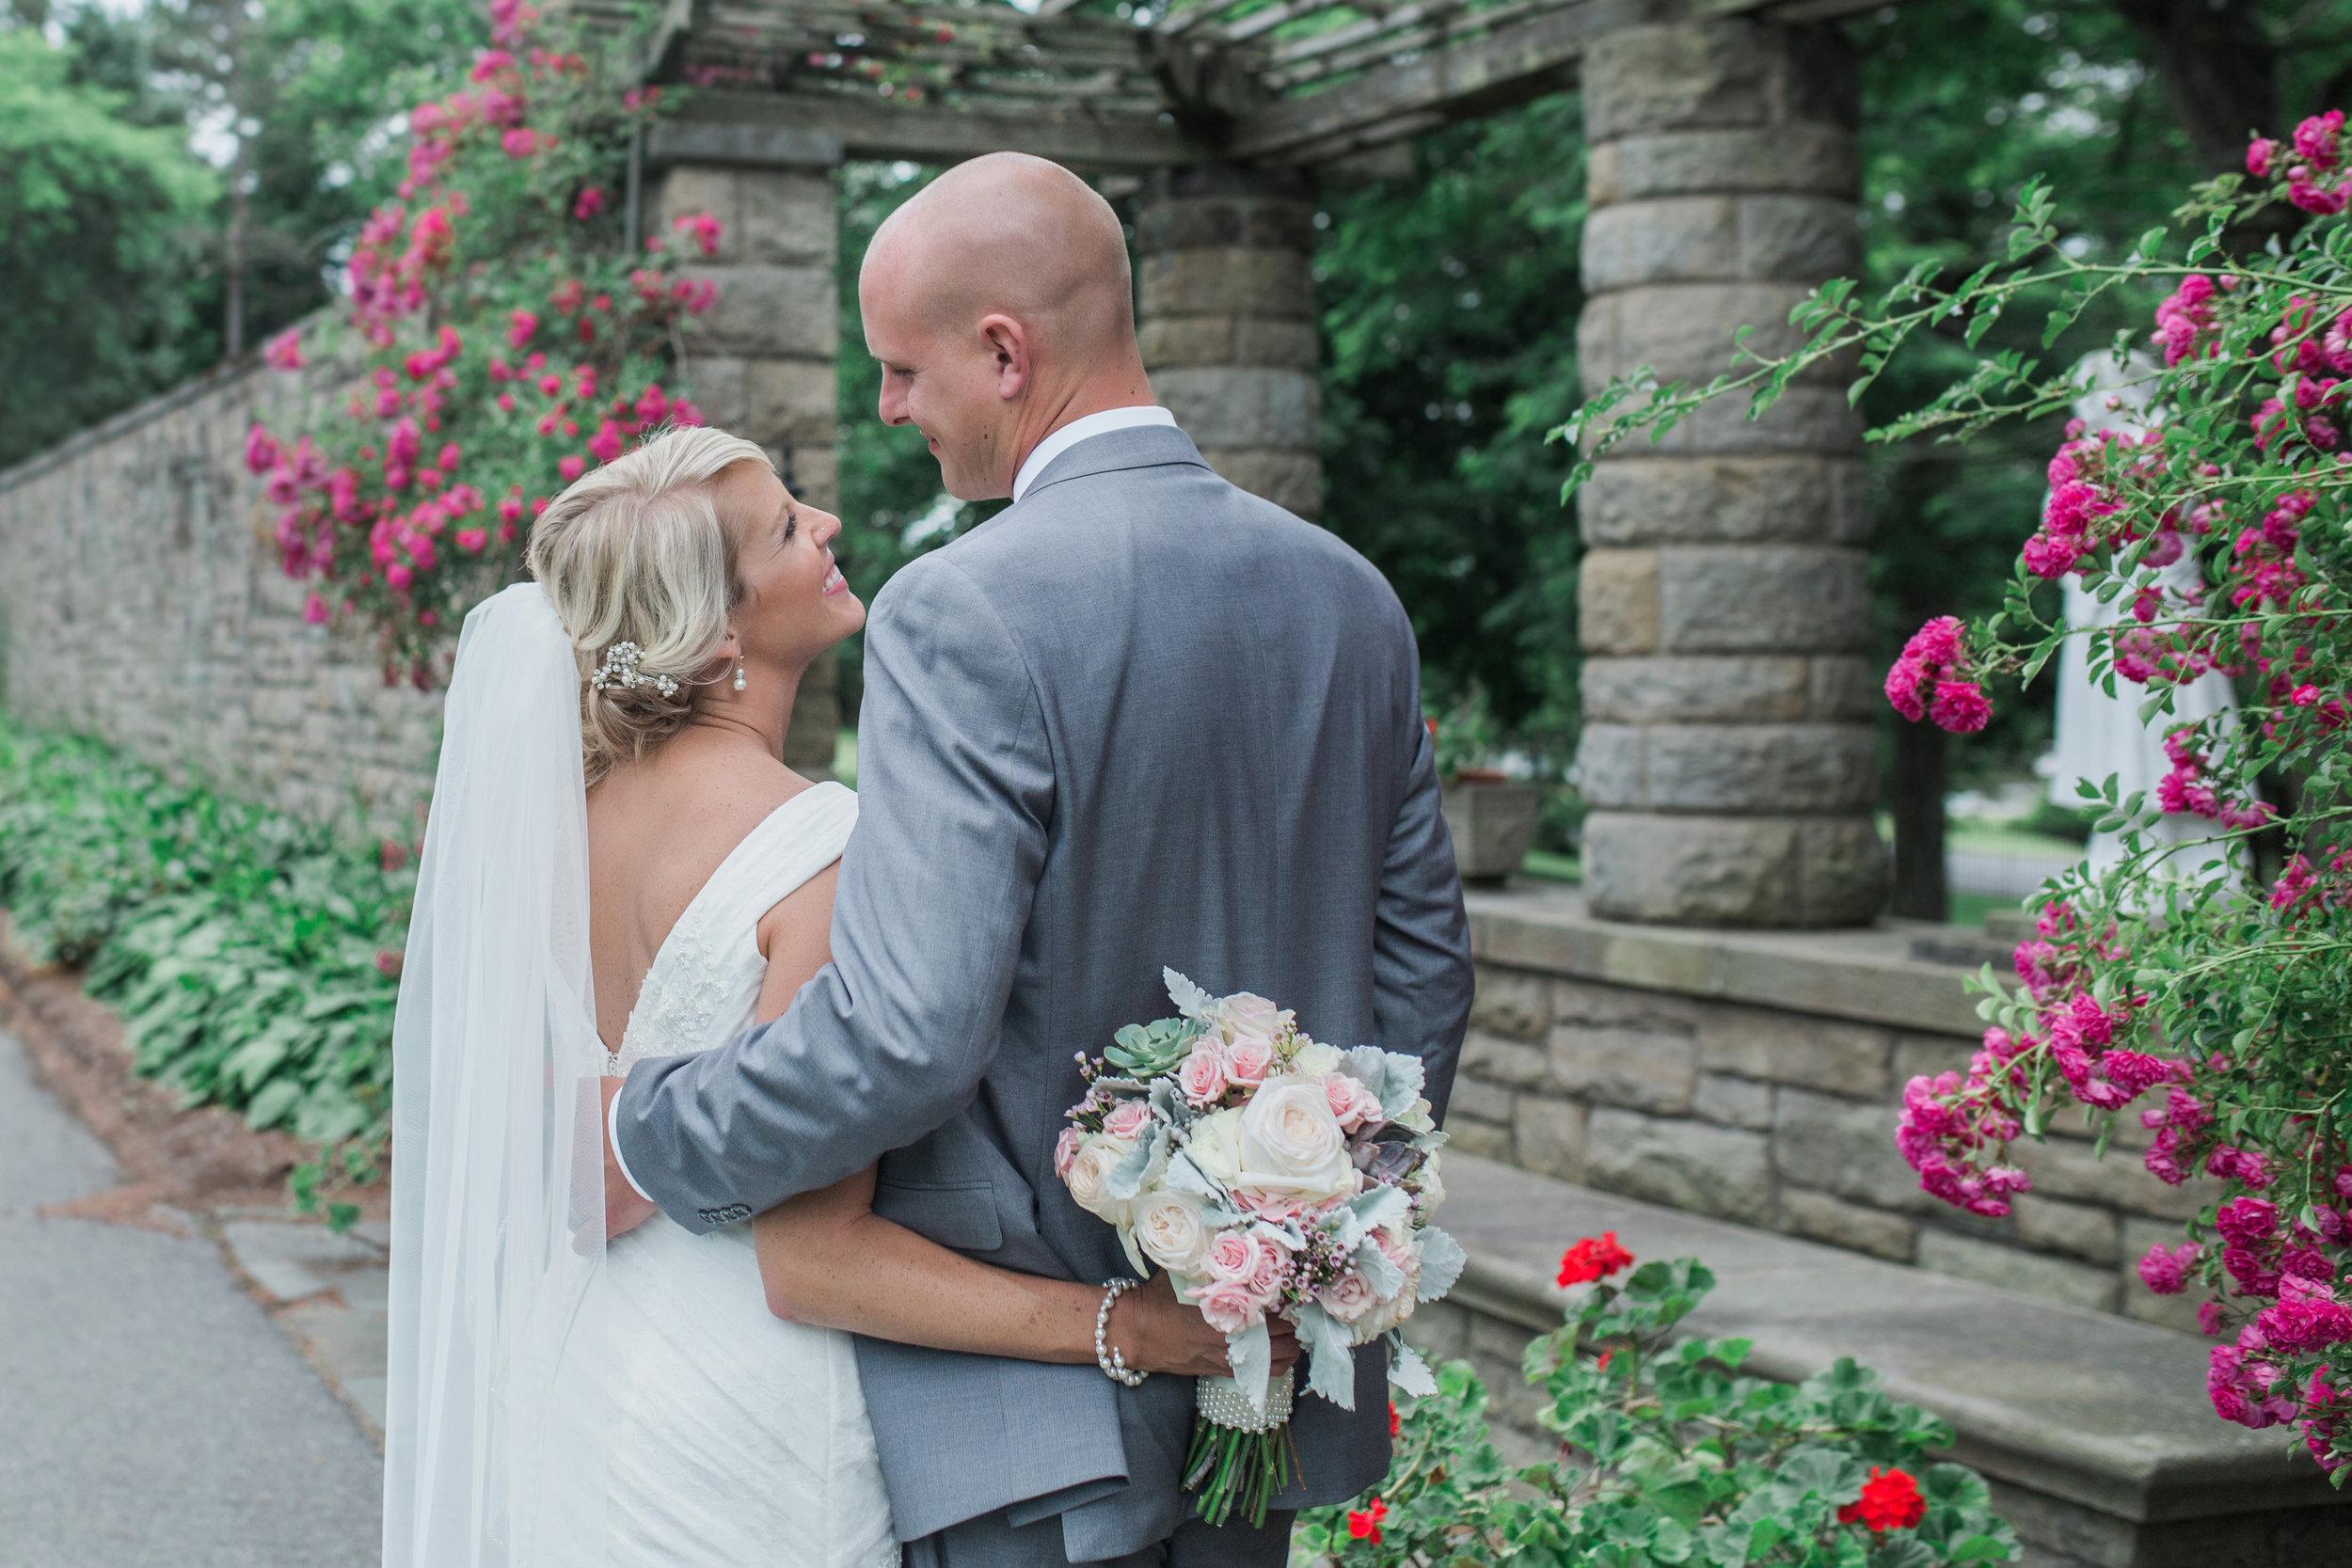 Doebler wedding 06 bride groom (53).jpg